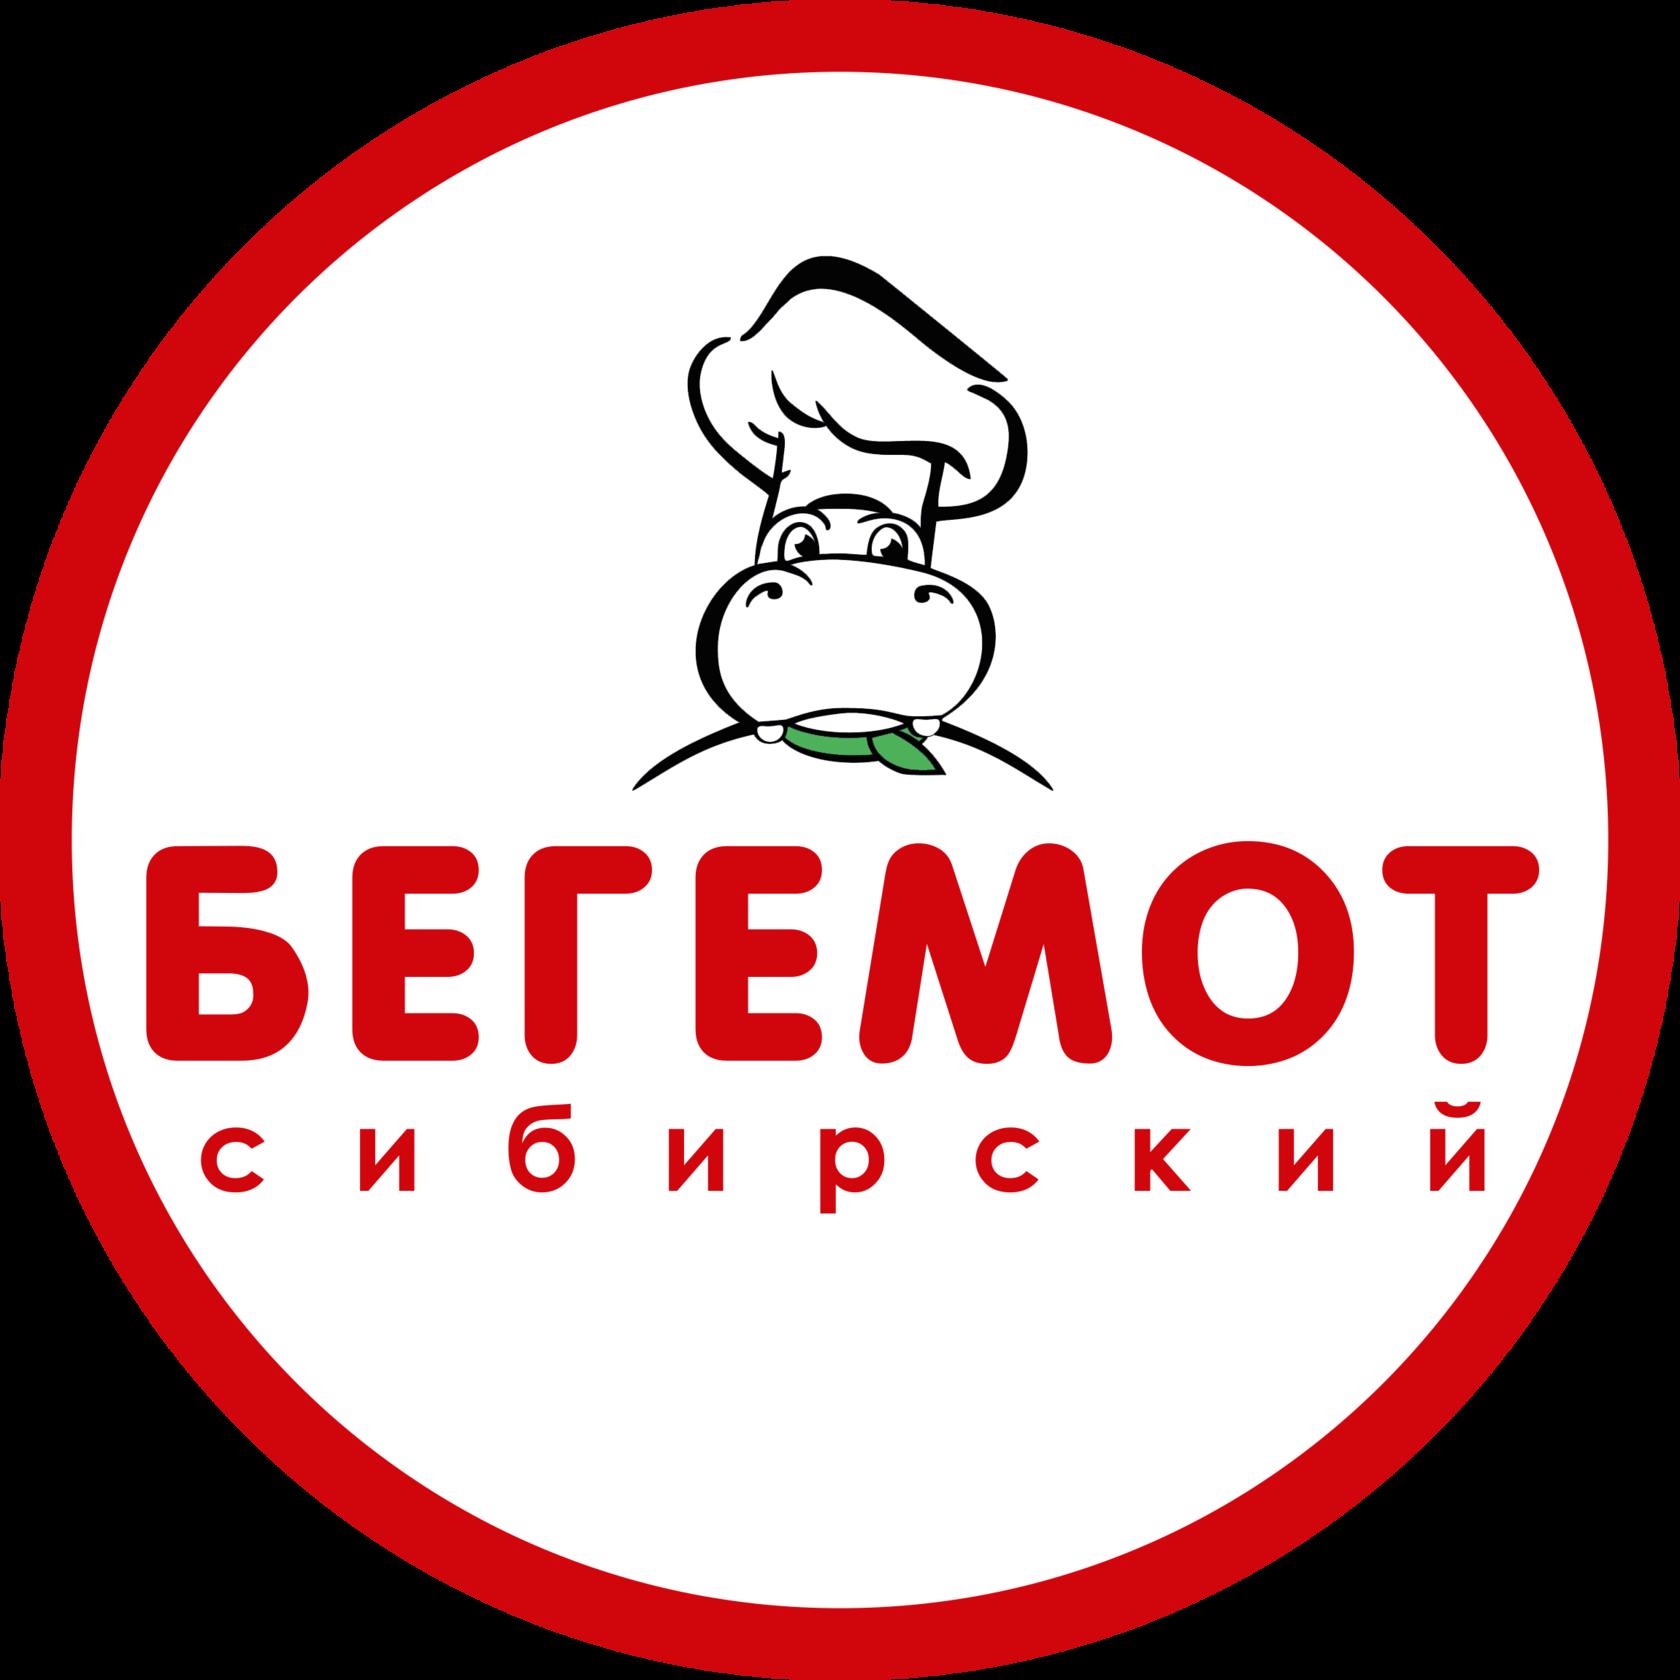 Сибирский Бегемот